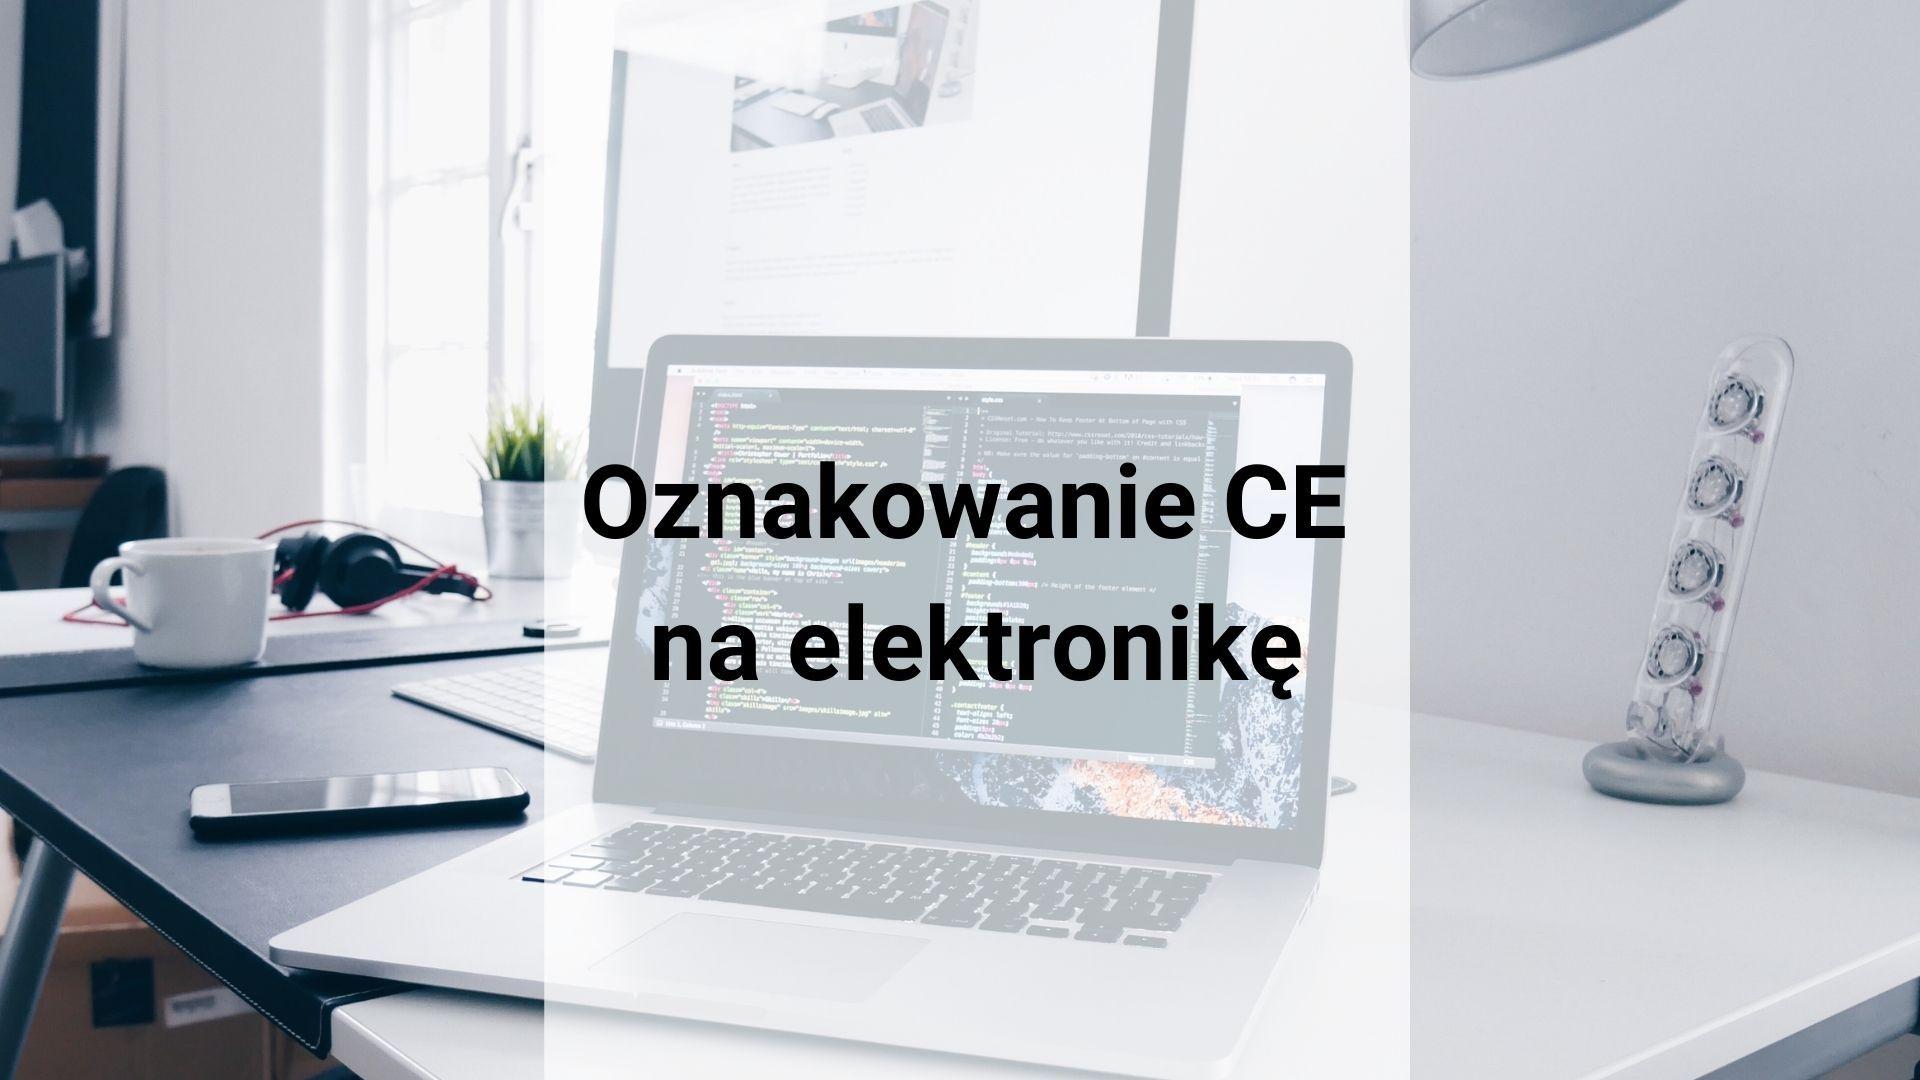 Oznakowanie CE na elektronikę